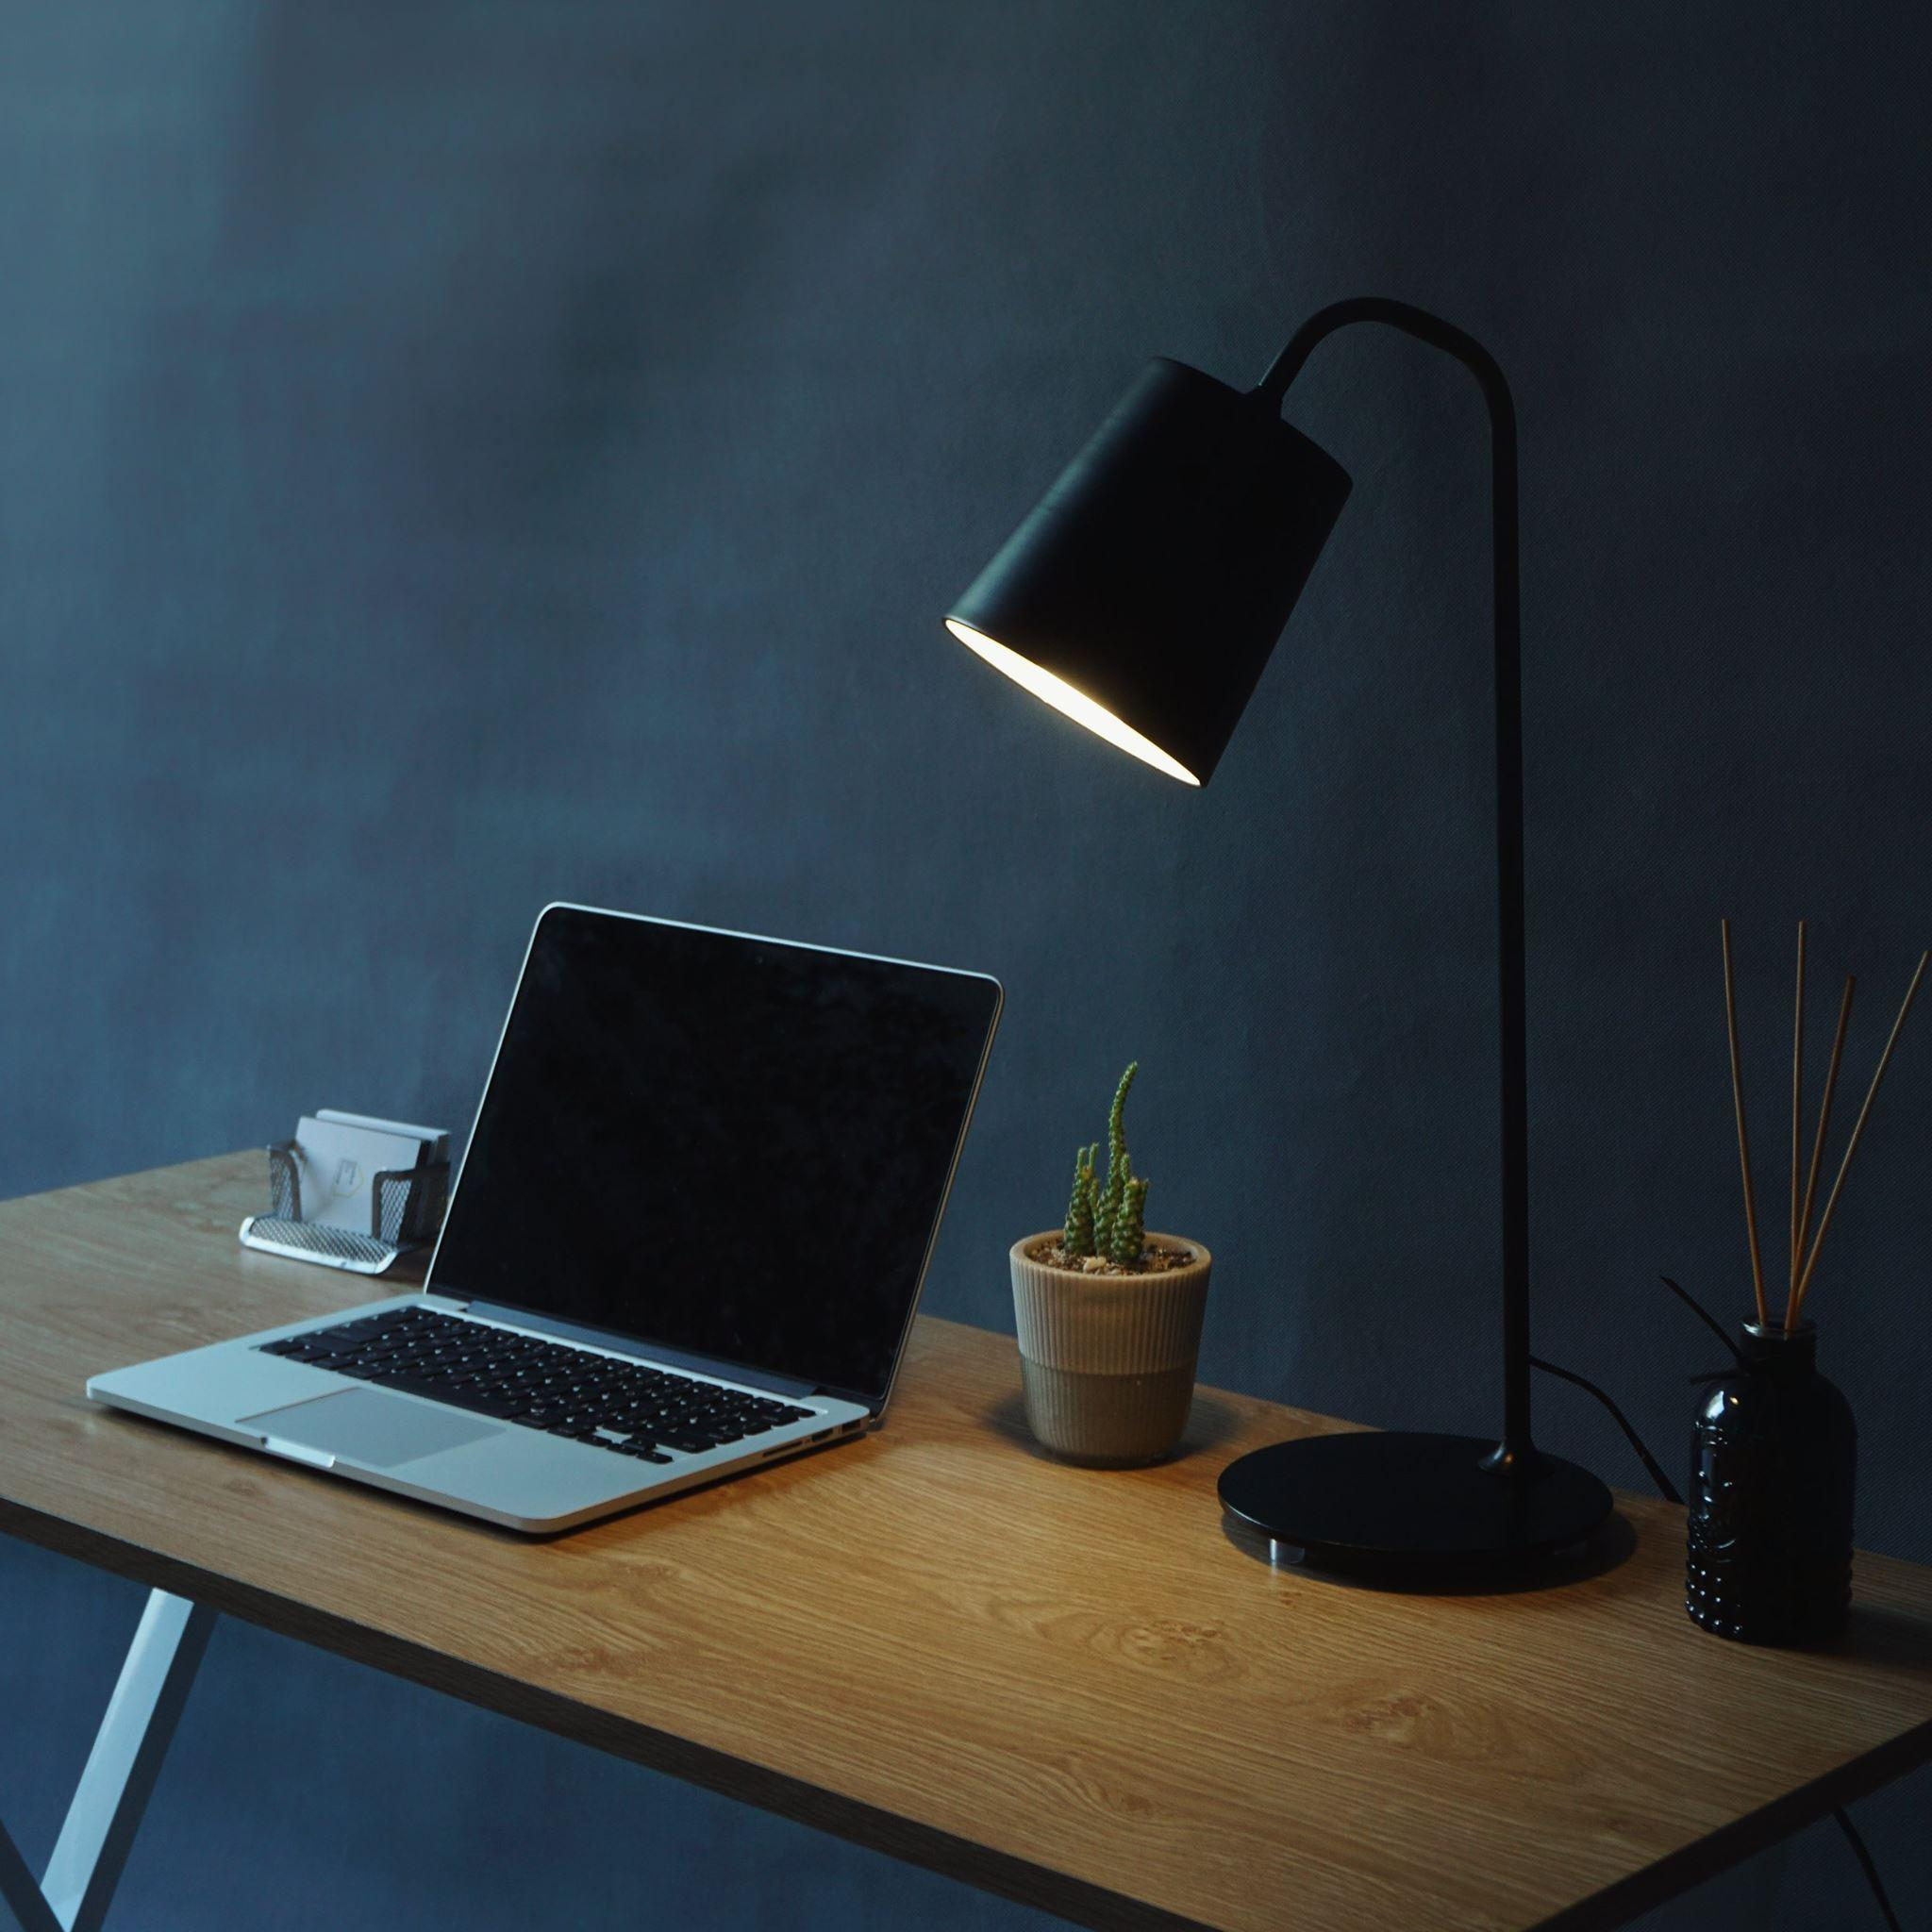 Đèn để bàn làm việc Panasonic vừa có công năng tốt vừa là vật trang trí hữu ích